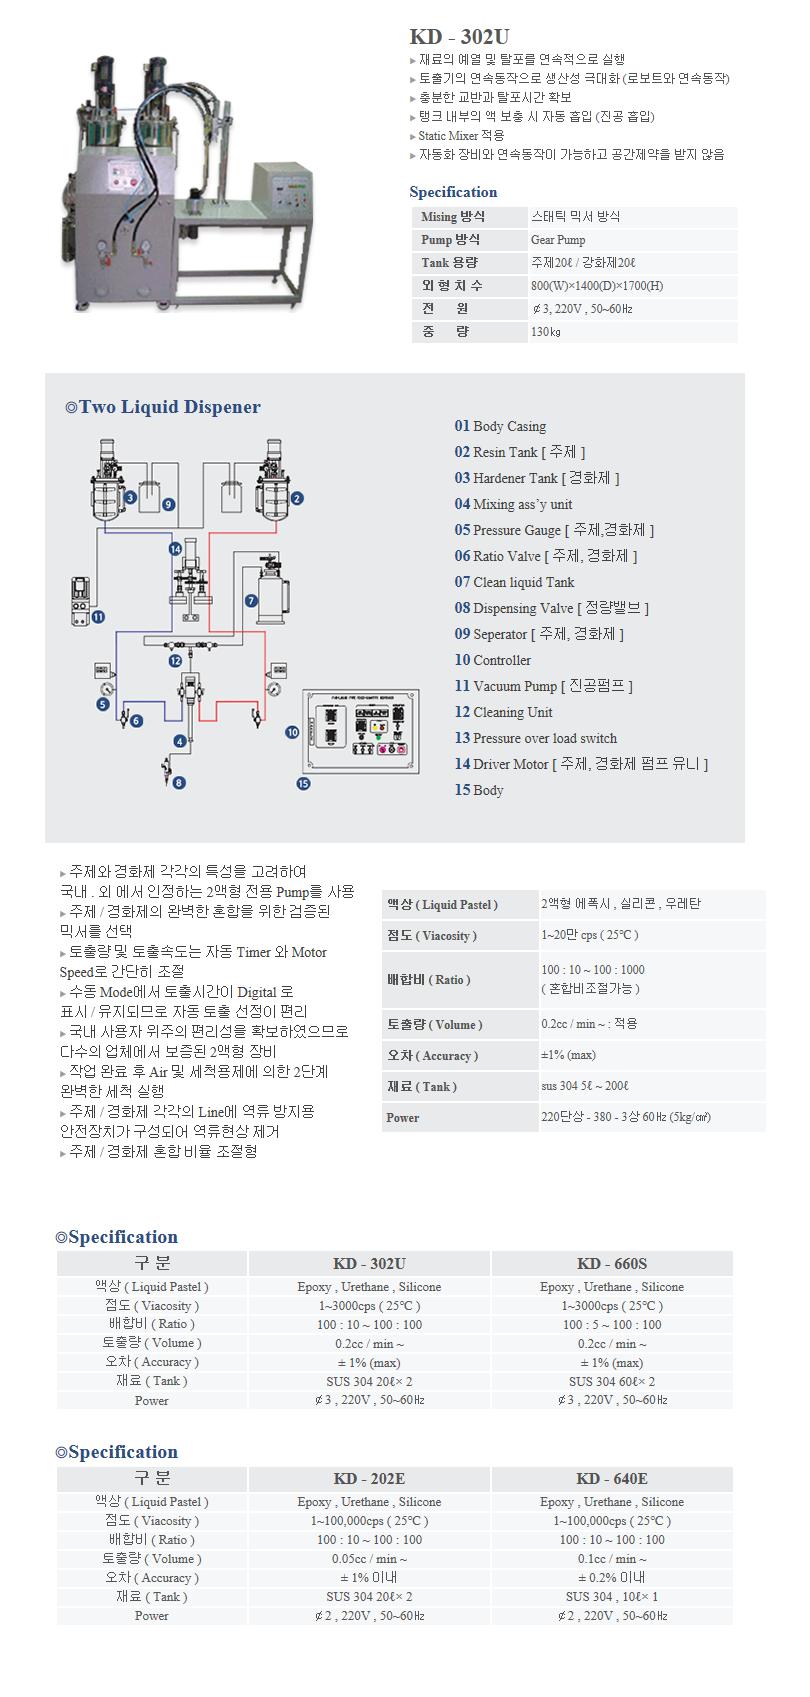 (주)케이엔디시스템 2액형 자동혼합 토출기 KD-302U 1